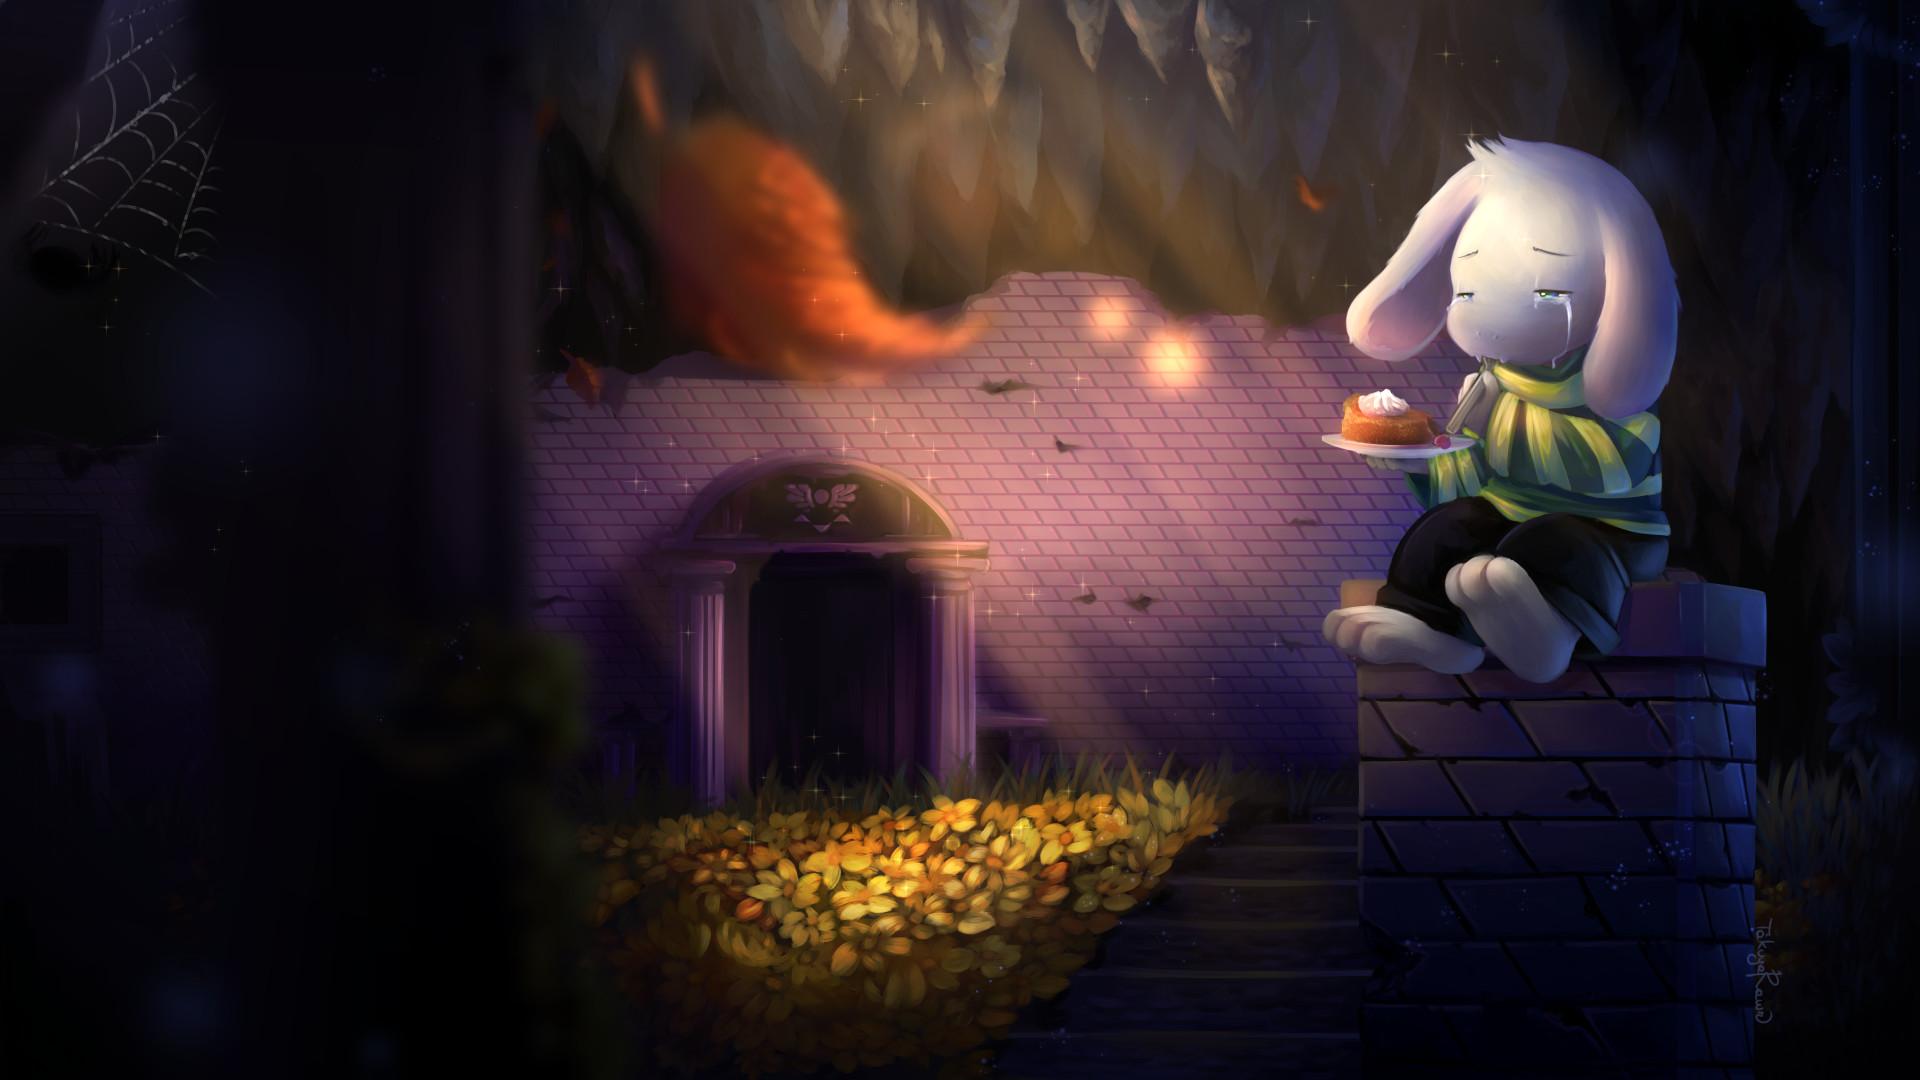 Video Game – Undertale Asriel (Undertale) Wallpaper